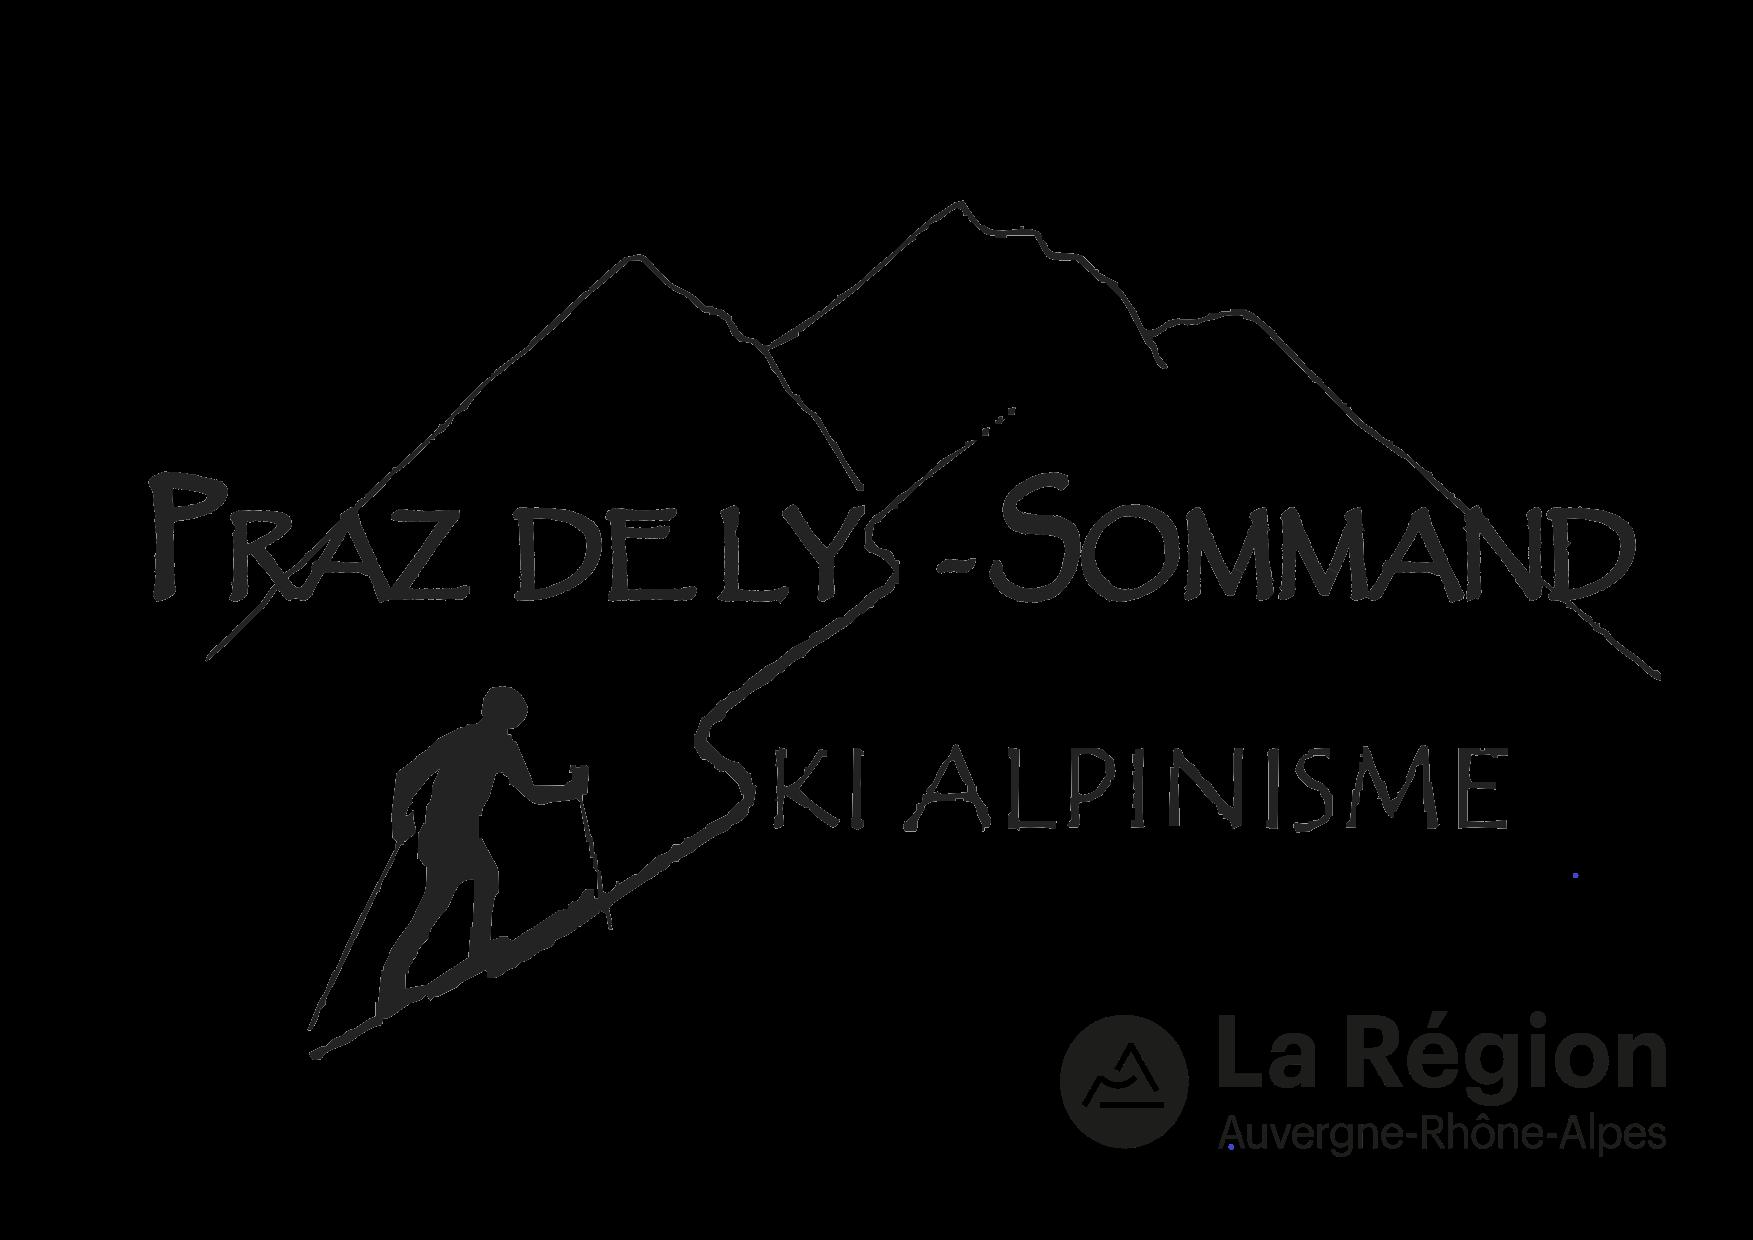 Praz de Lys Sommand Ski Alpinisme